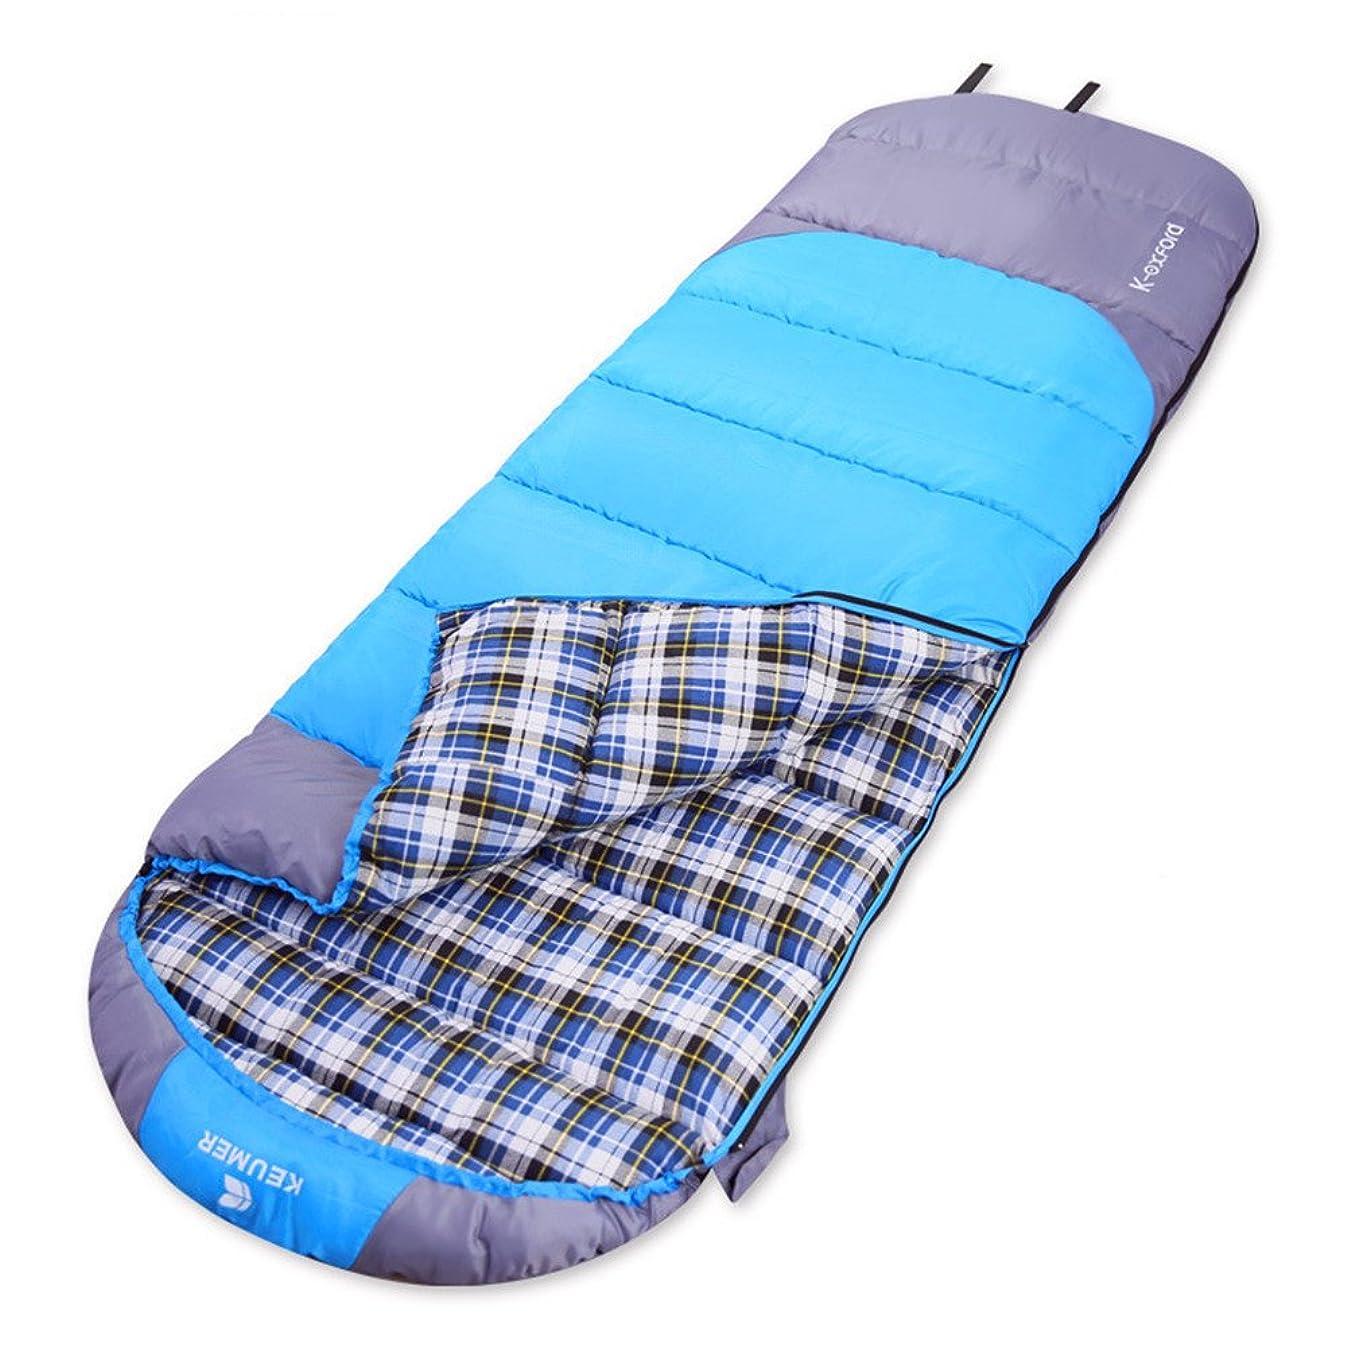 定規動機付ける父方の寝袋 バッグは、ポータブル暖かいフィールドポータブル封筒を温めスリーピングことは一緒にアウトドアキャンプ旅行は寝袋に適したワイルドダブル通気性のスリーピングバッグを戦うことができます 携帯便利